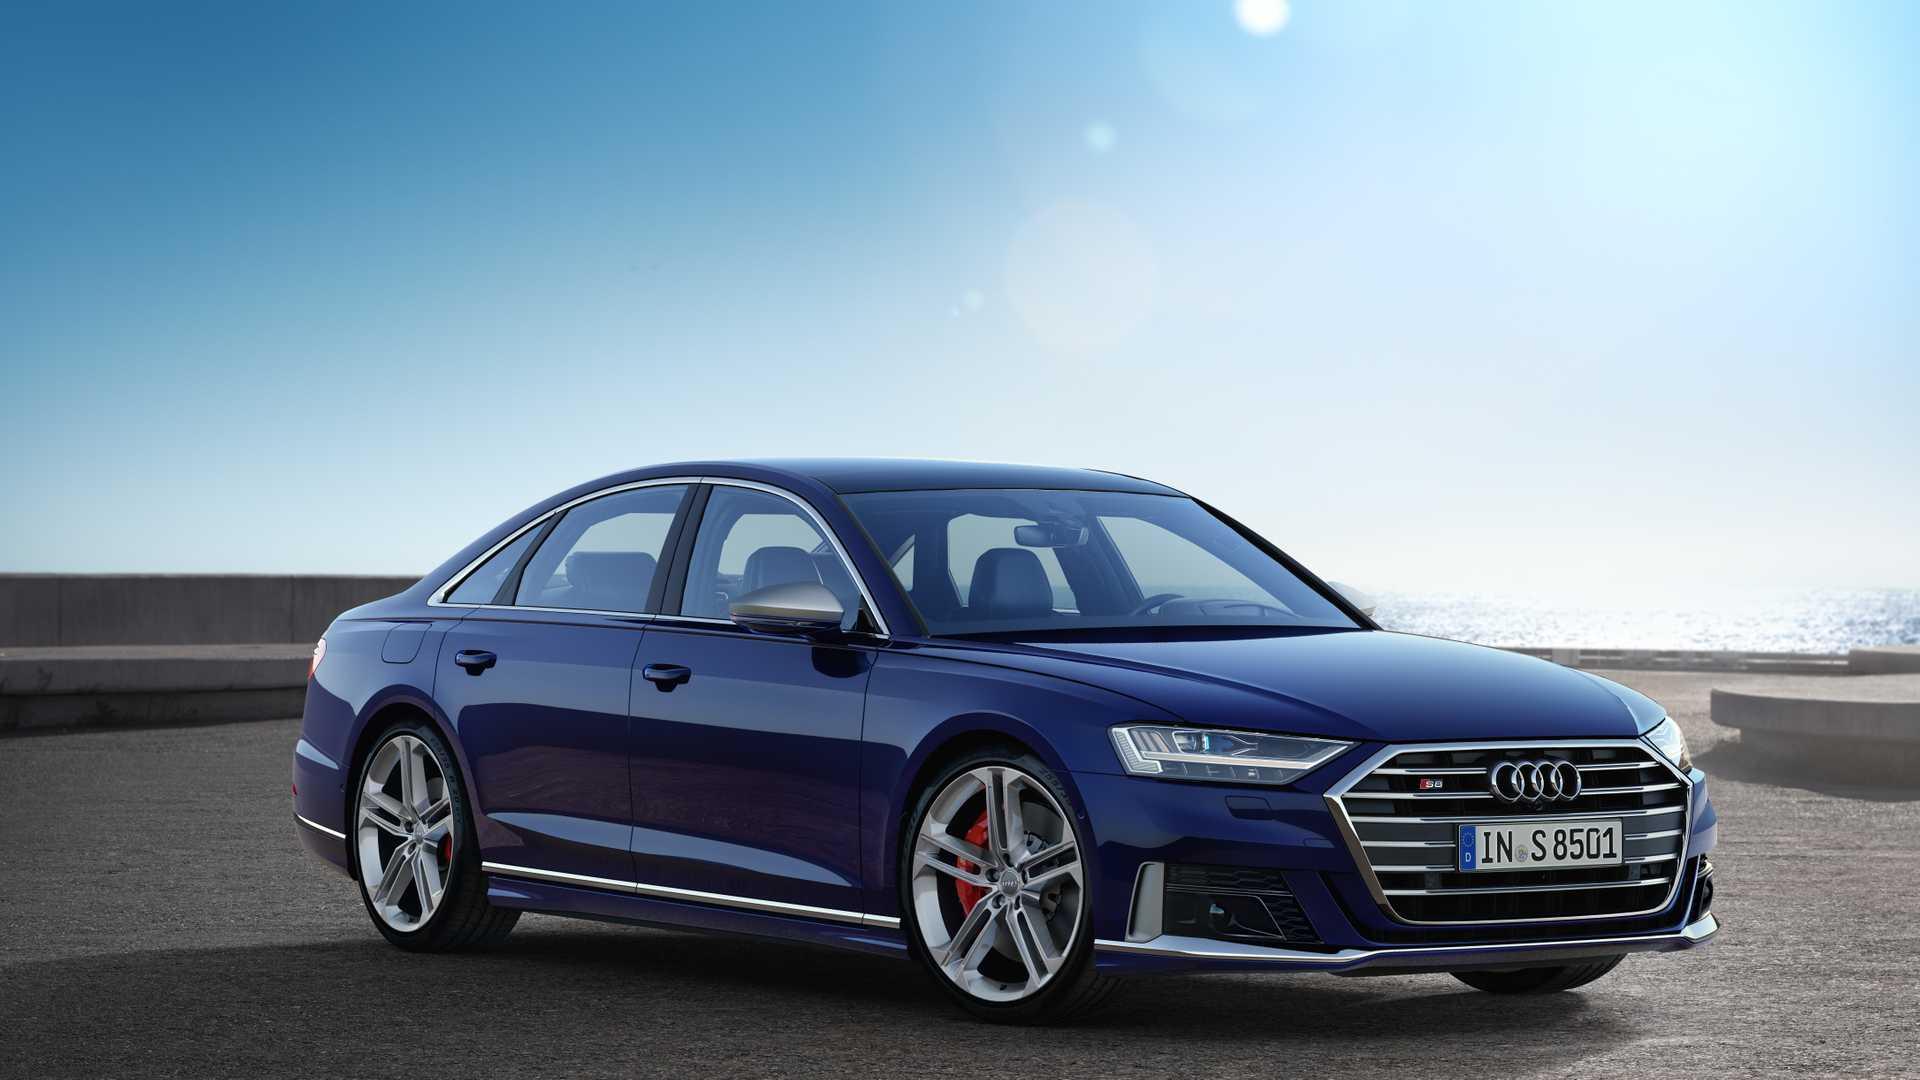 El Audi S8 2019 ya es oficial: Microhibridación, etiqueta ECO y 571 CV de su V8 4.0 TFSI